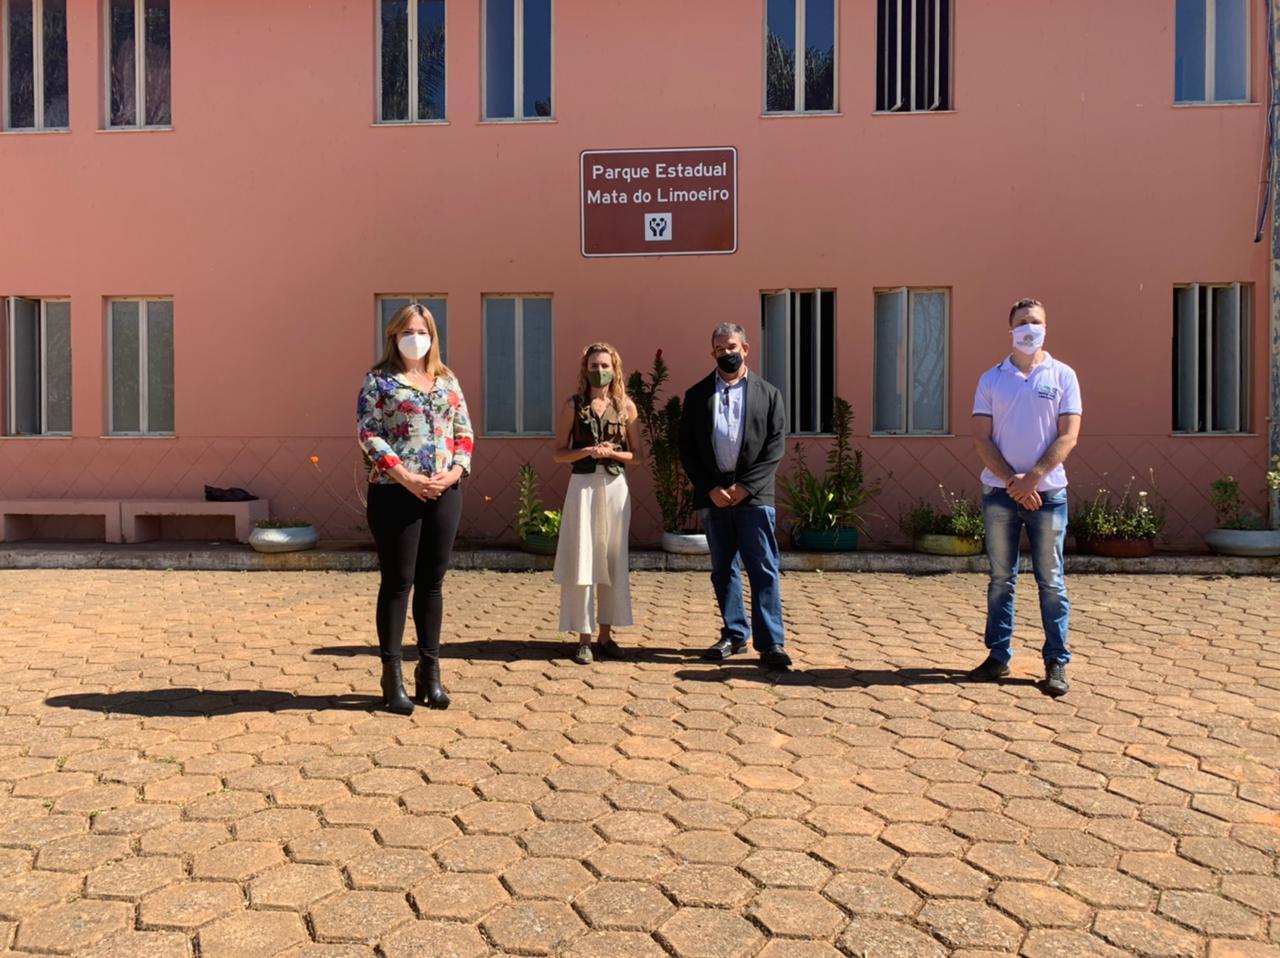 Participantes do encontro na Mata do Limoeiro: Adriana Faria, Raquell Guimarães, Denes Lott e Alex Amaral, no mesmo sentido (Foto: Coord. Com. Social - PMI)